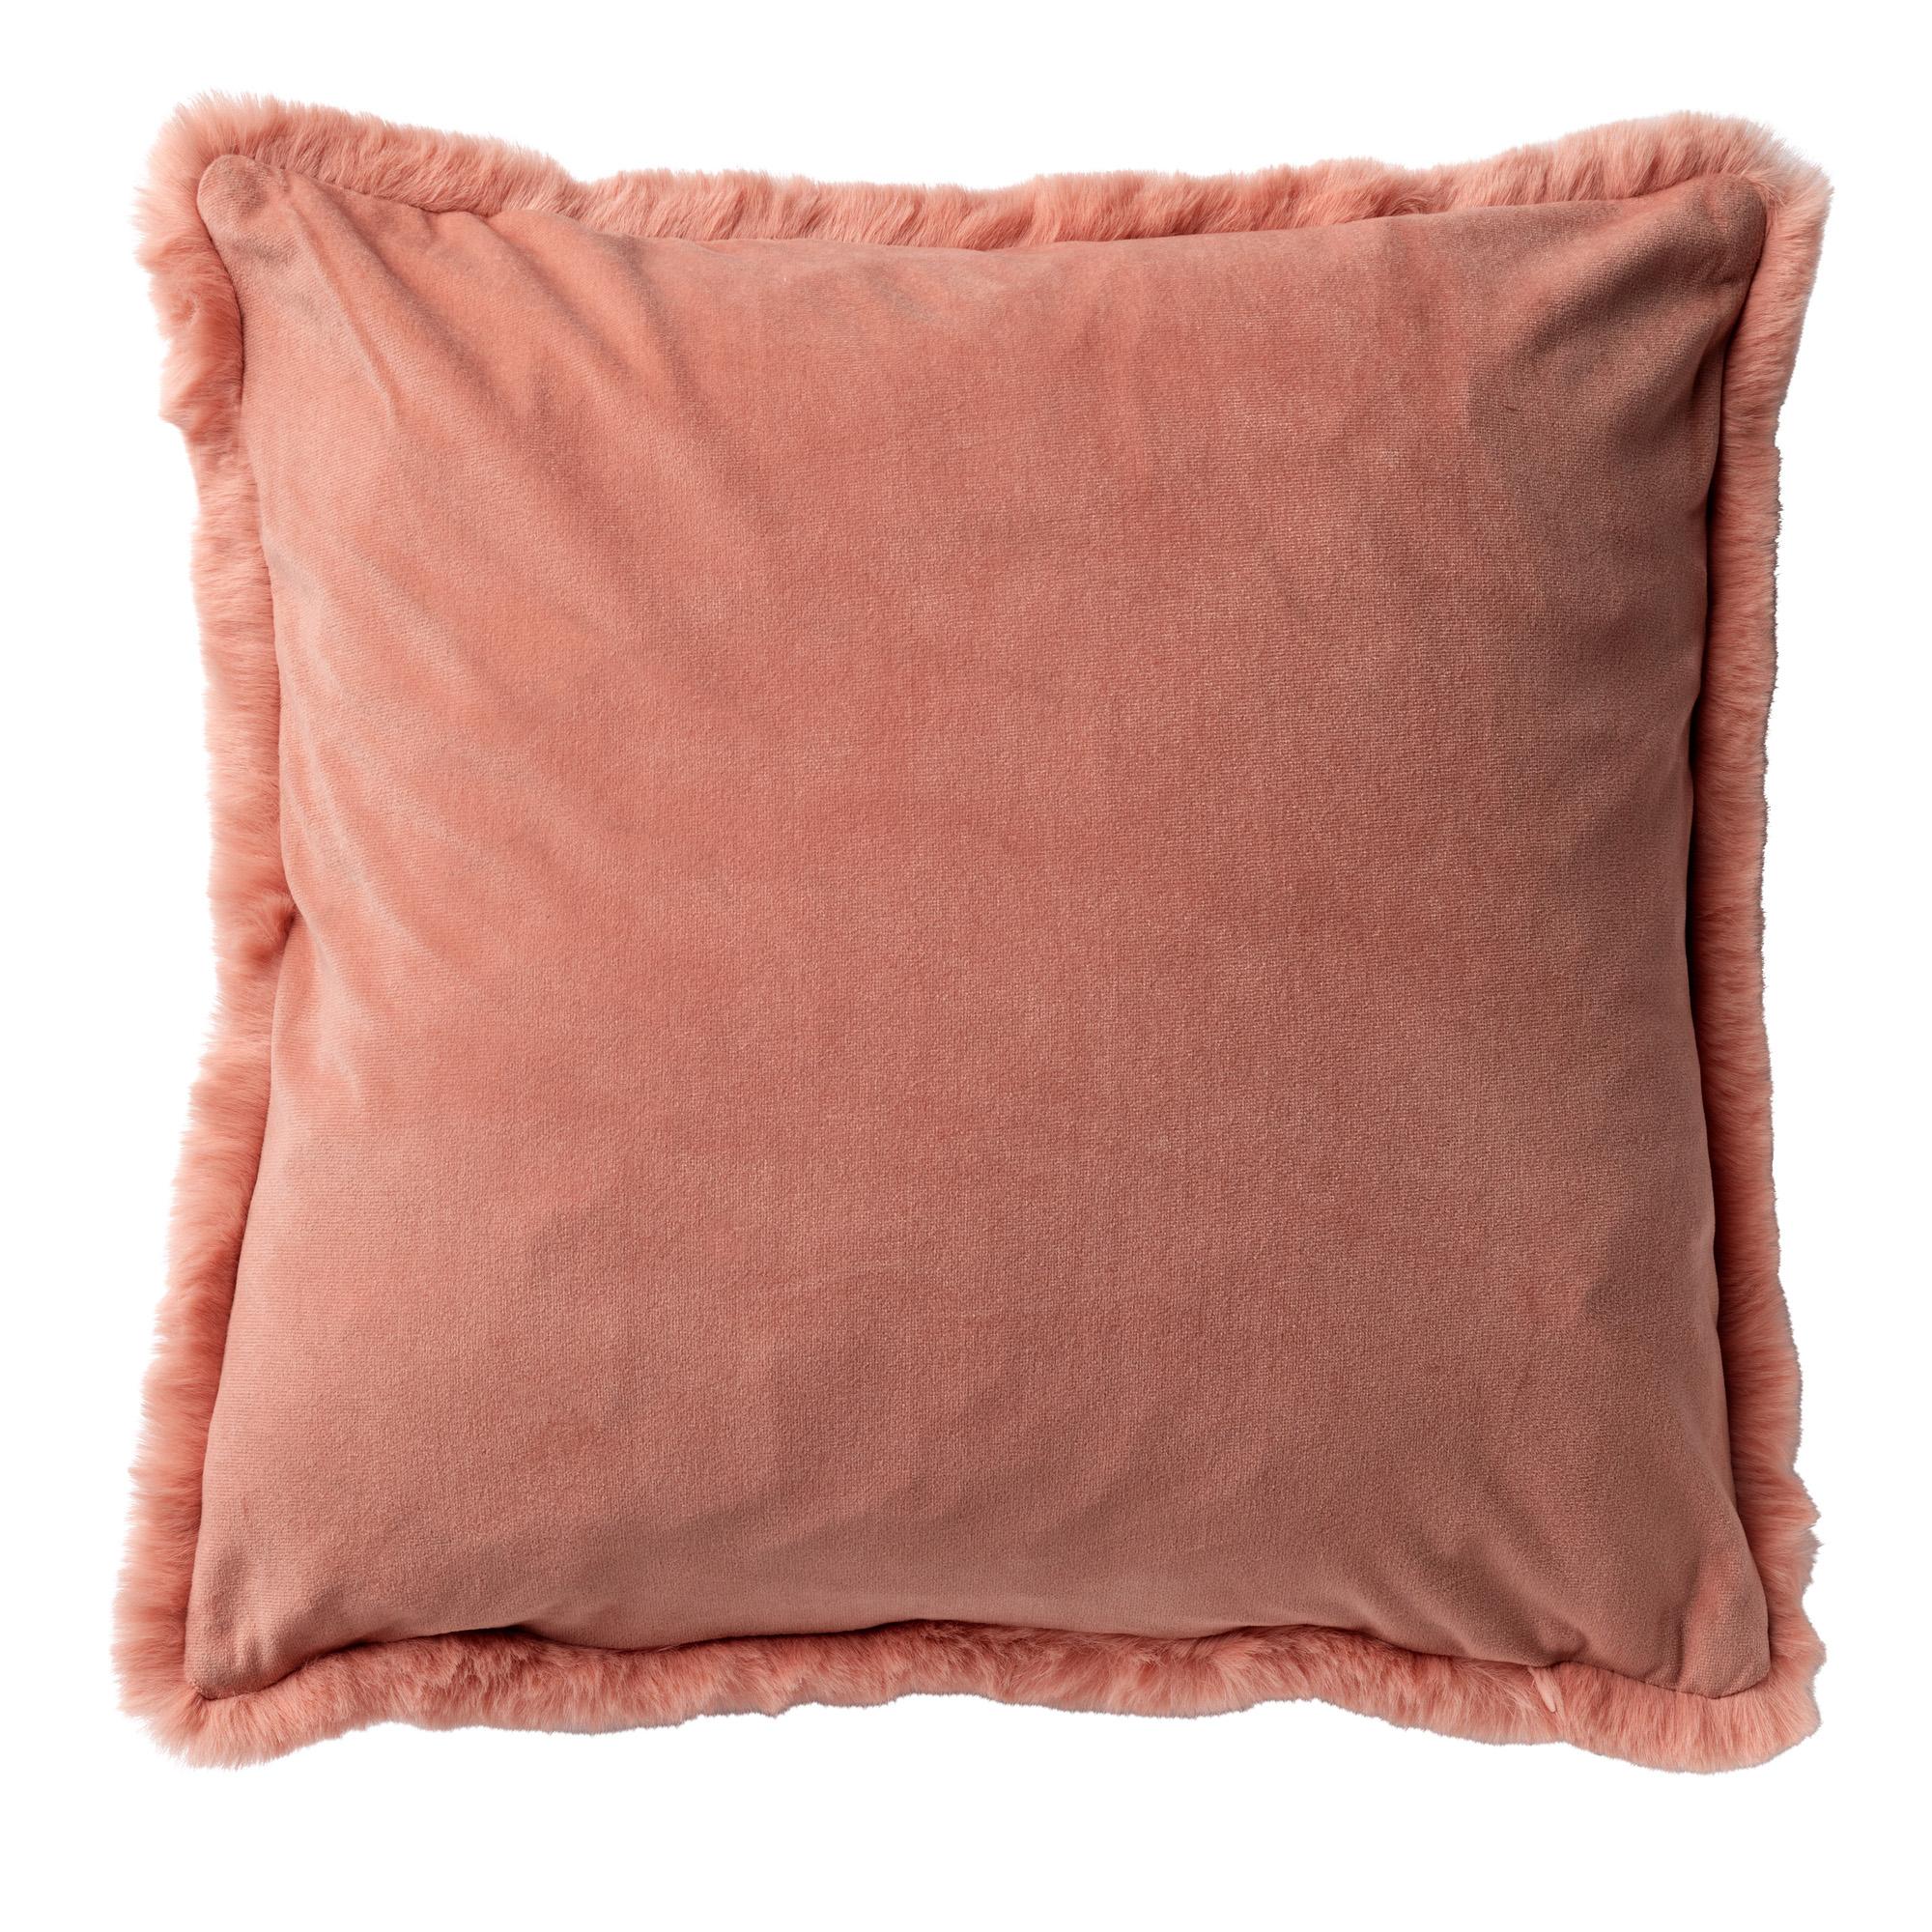 ZAYA - Sierkussen met imitatiebont Muted Clay 45x45 cm